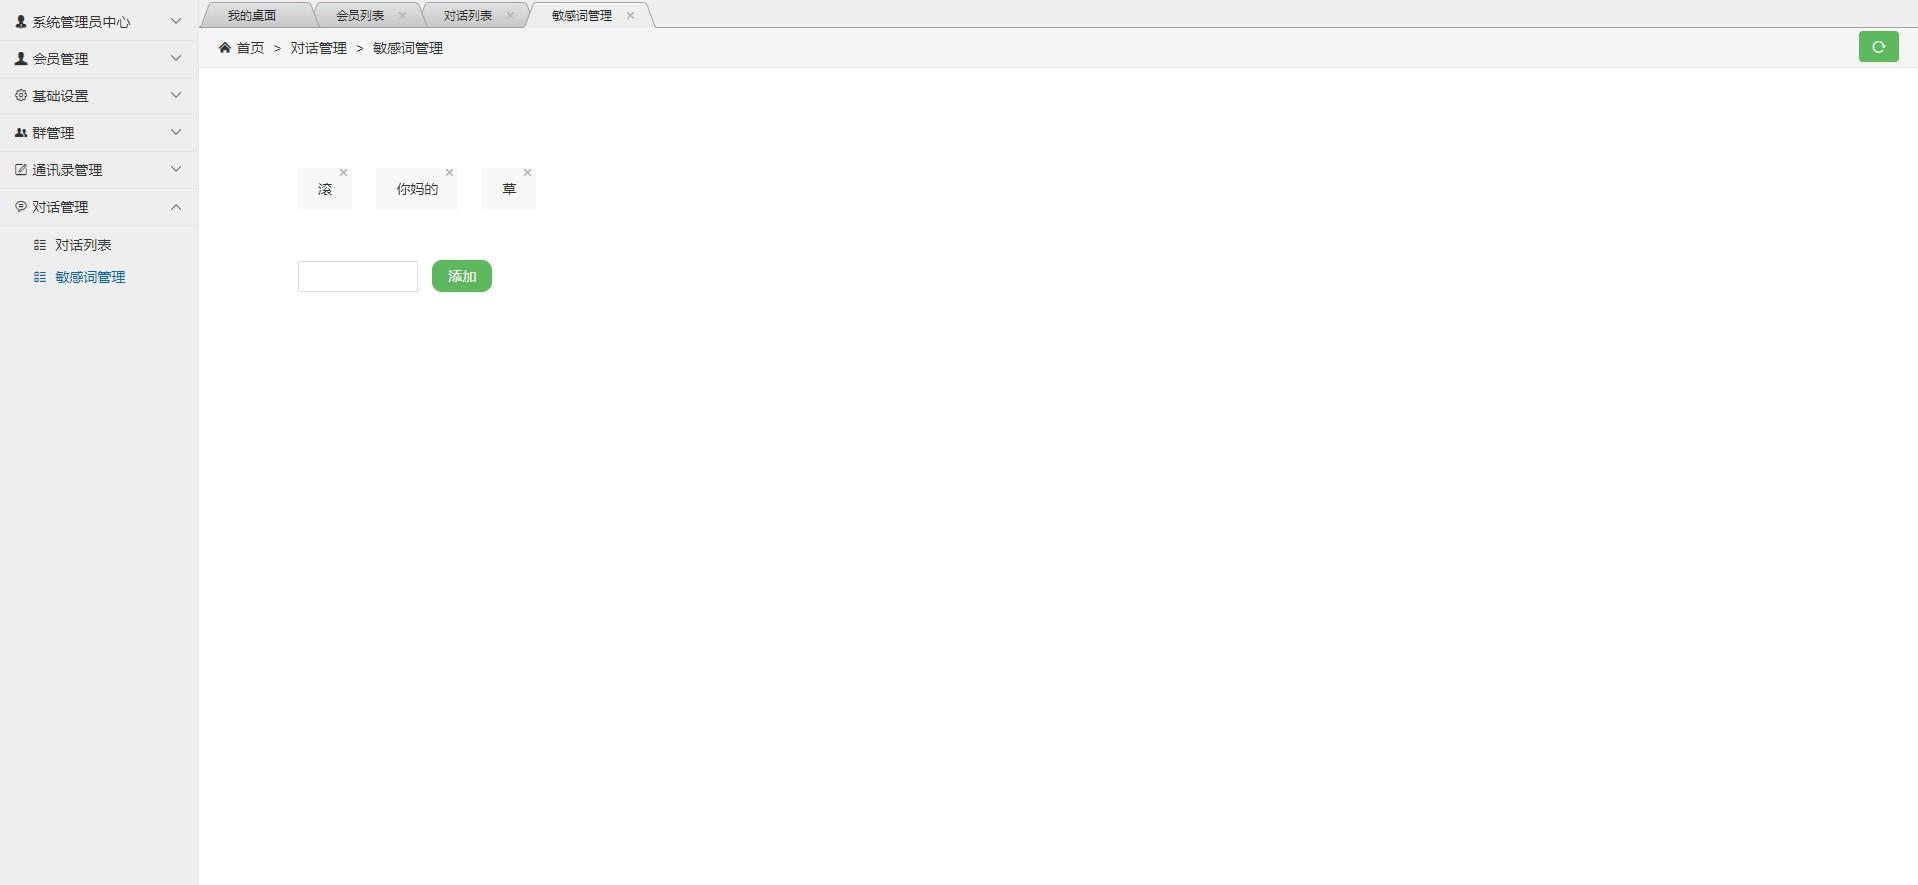 修复版最新微聊社交通讯聊天源码下载/原生APP/带教程/带机器人+基础安装架设说明